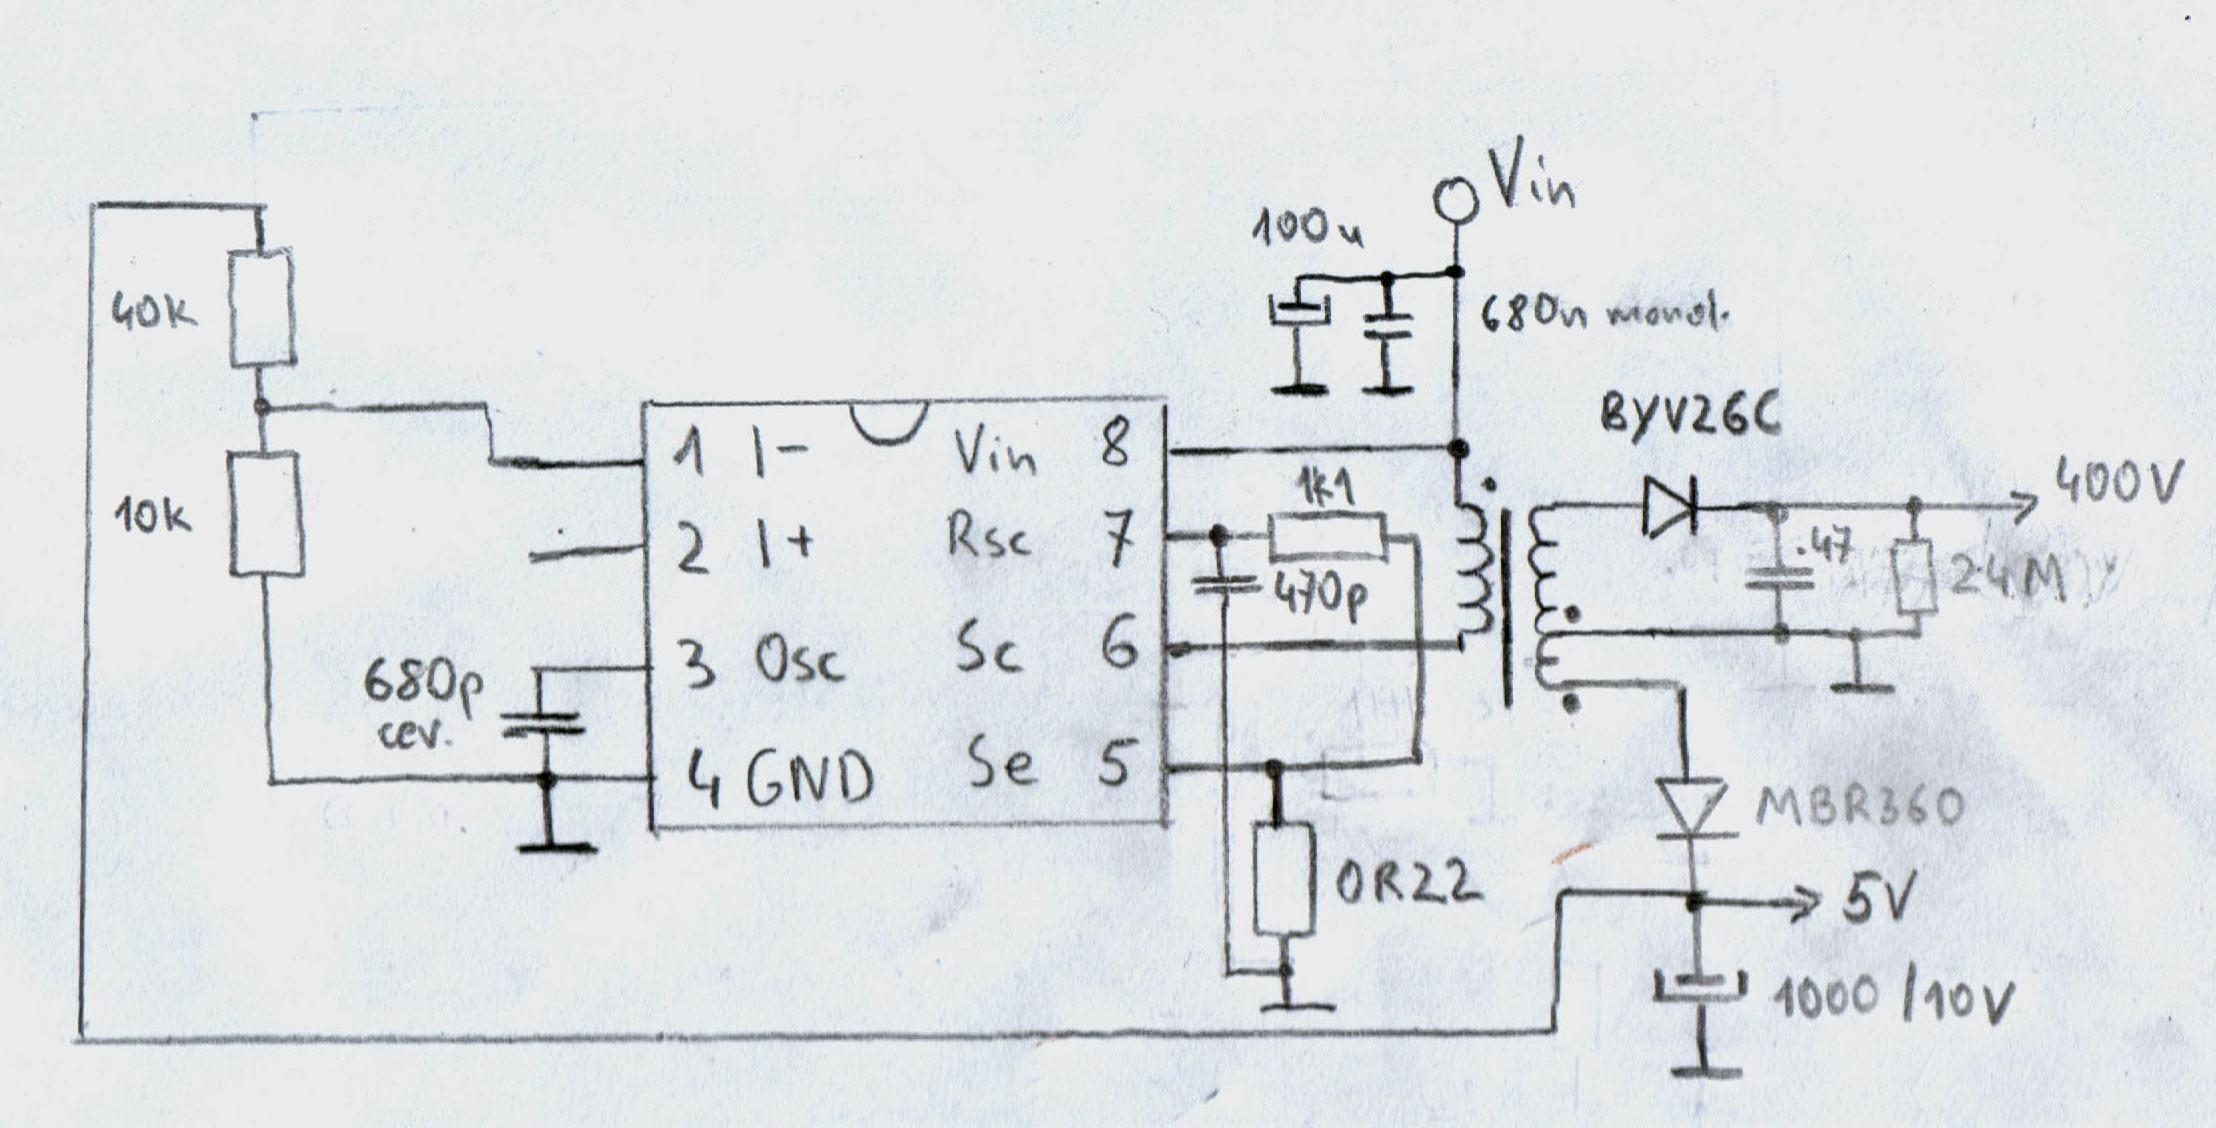 Przetwornice na MC34063 i podobne.